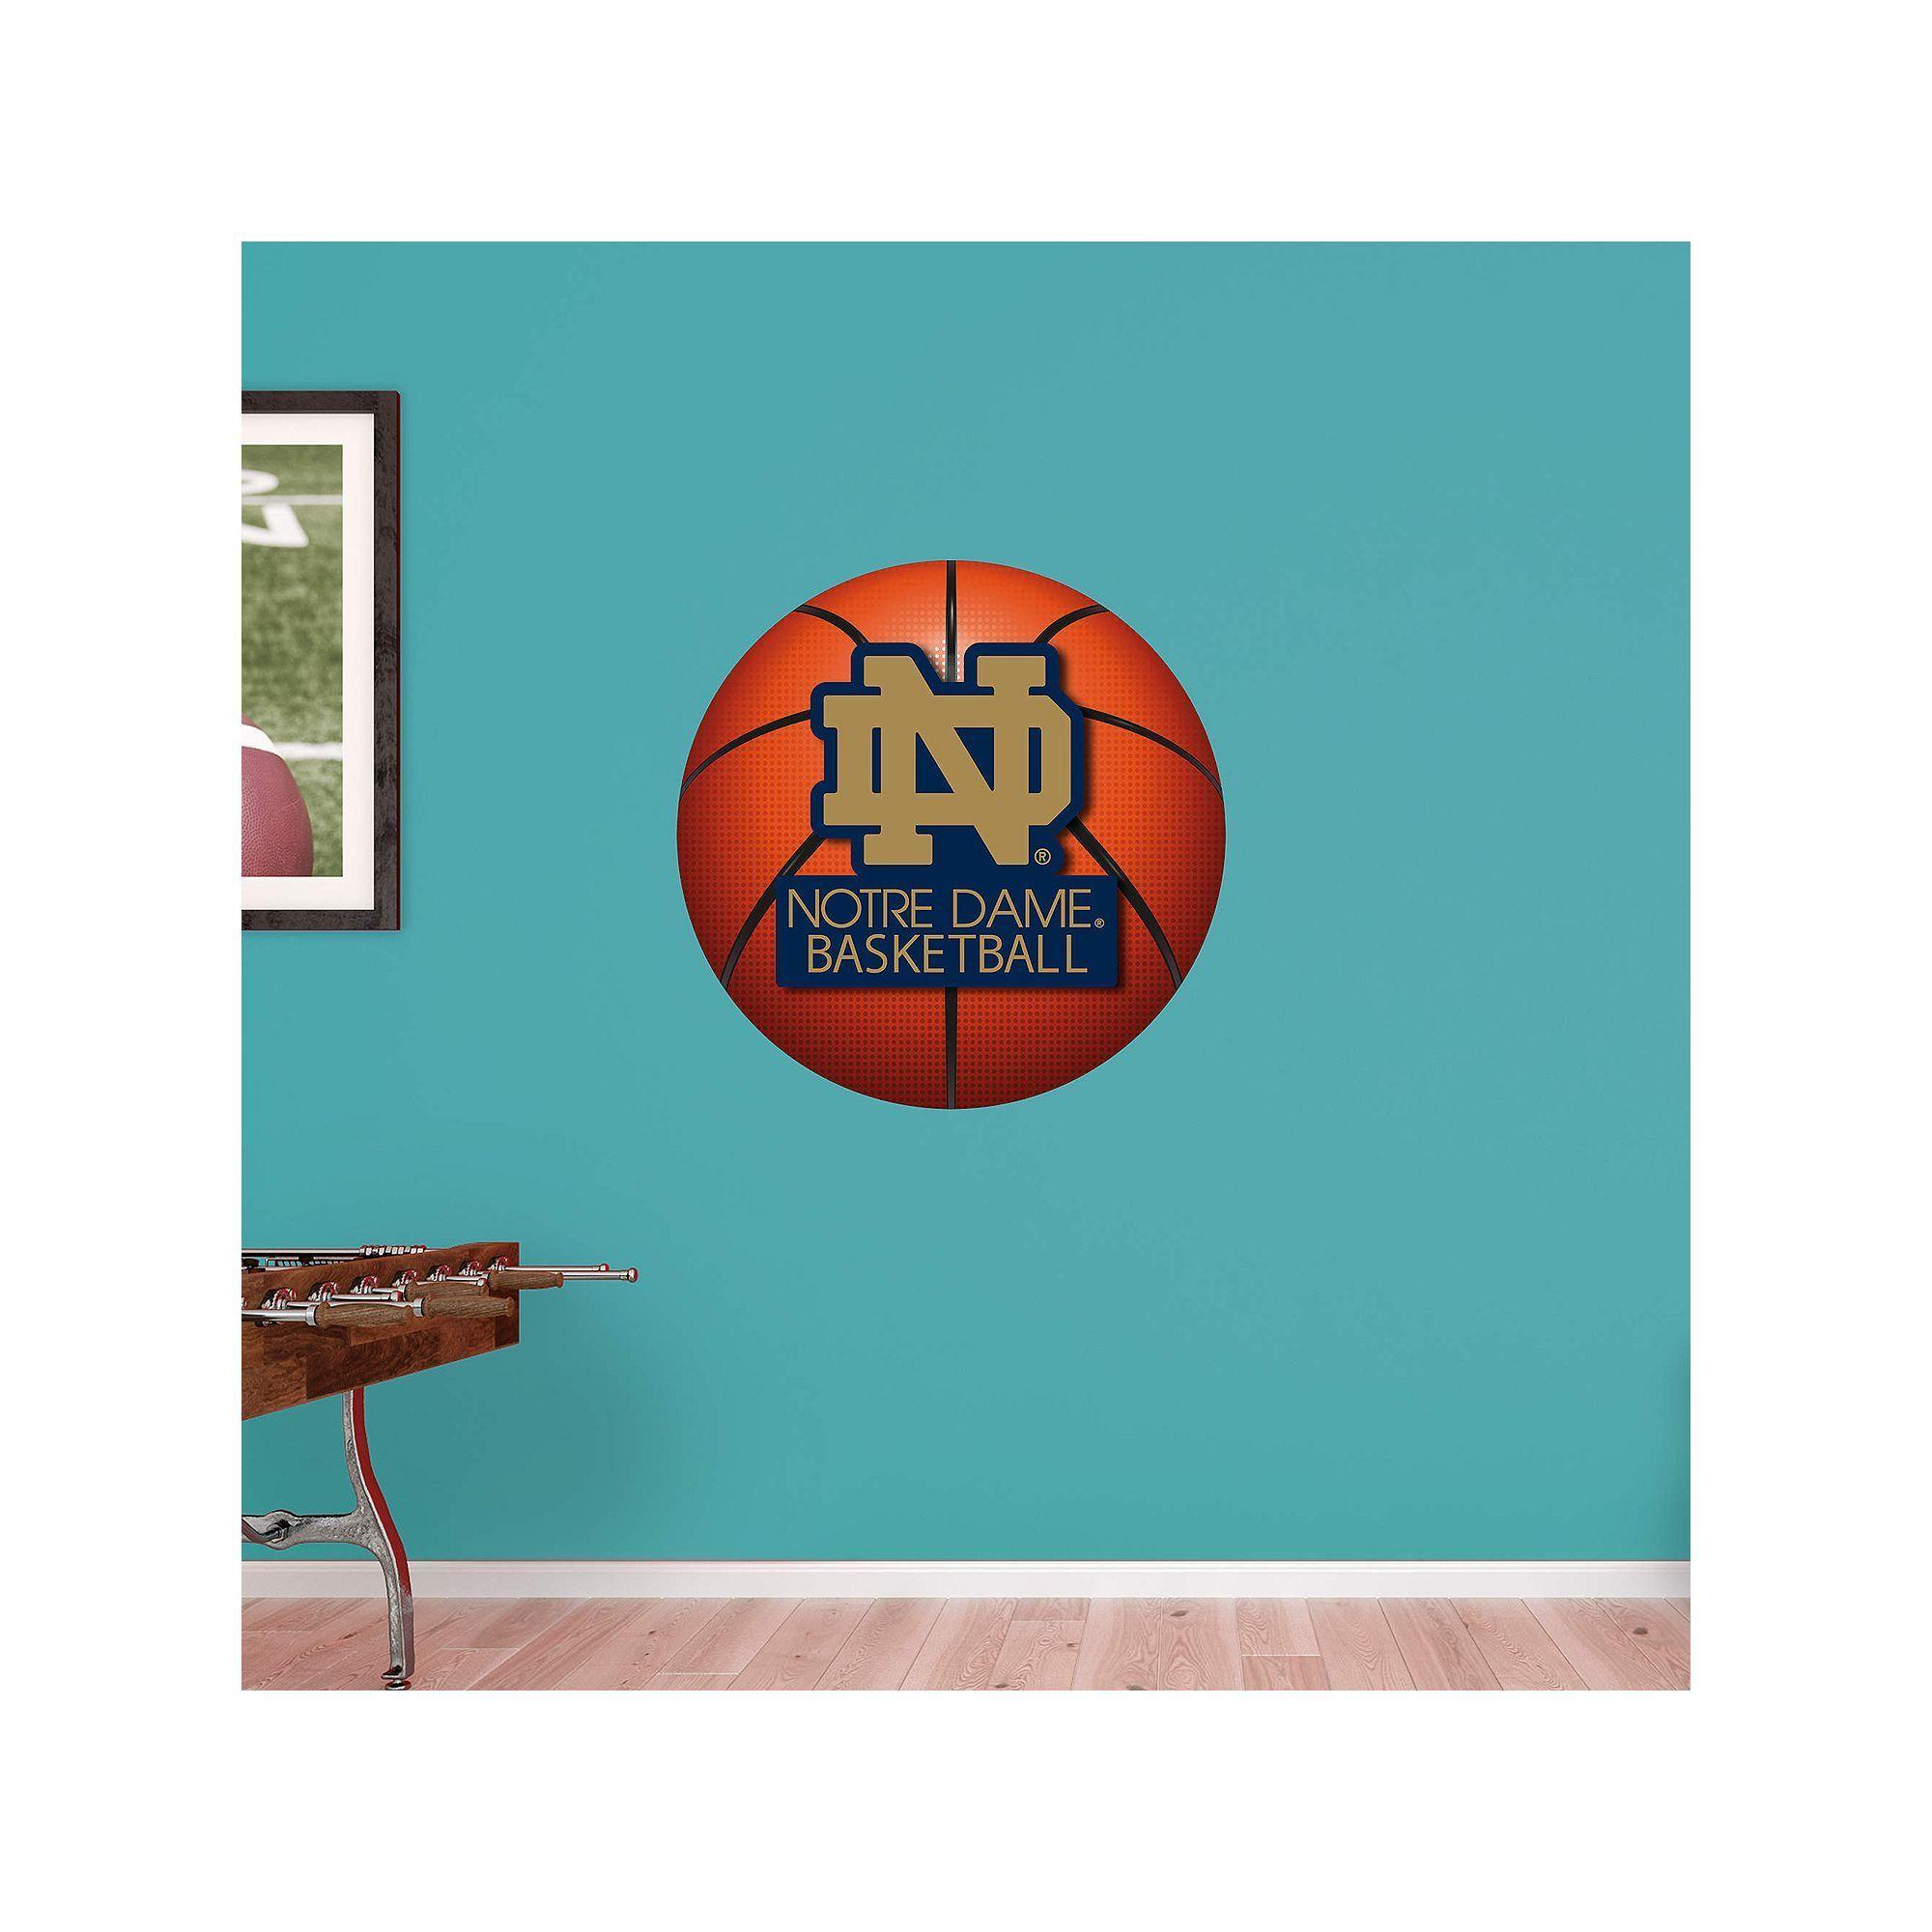 Außergewöhnlich Wandtattoo Basketball Ideen Von Notre Dame Fighting Irish Logo Wall Decal